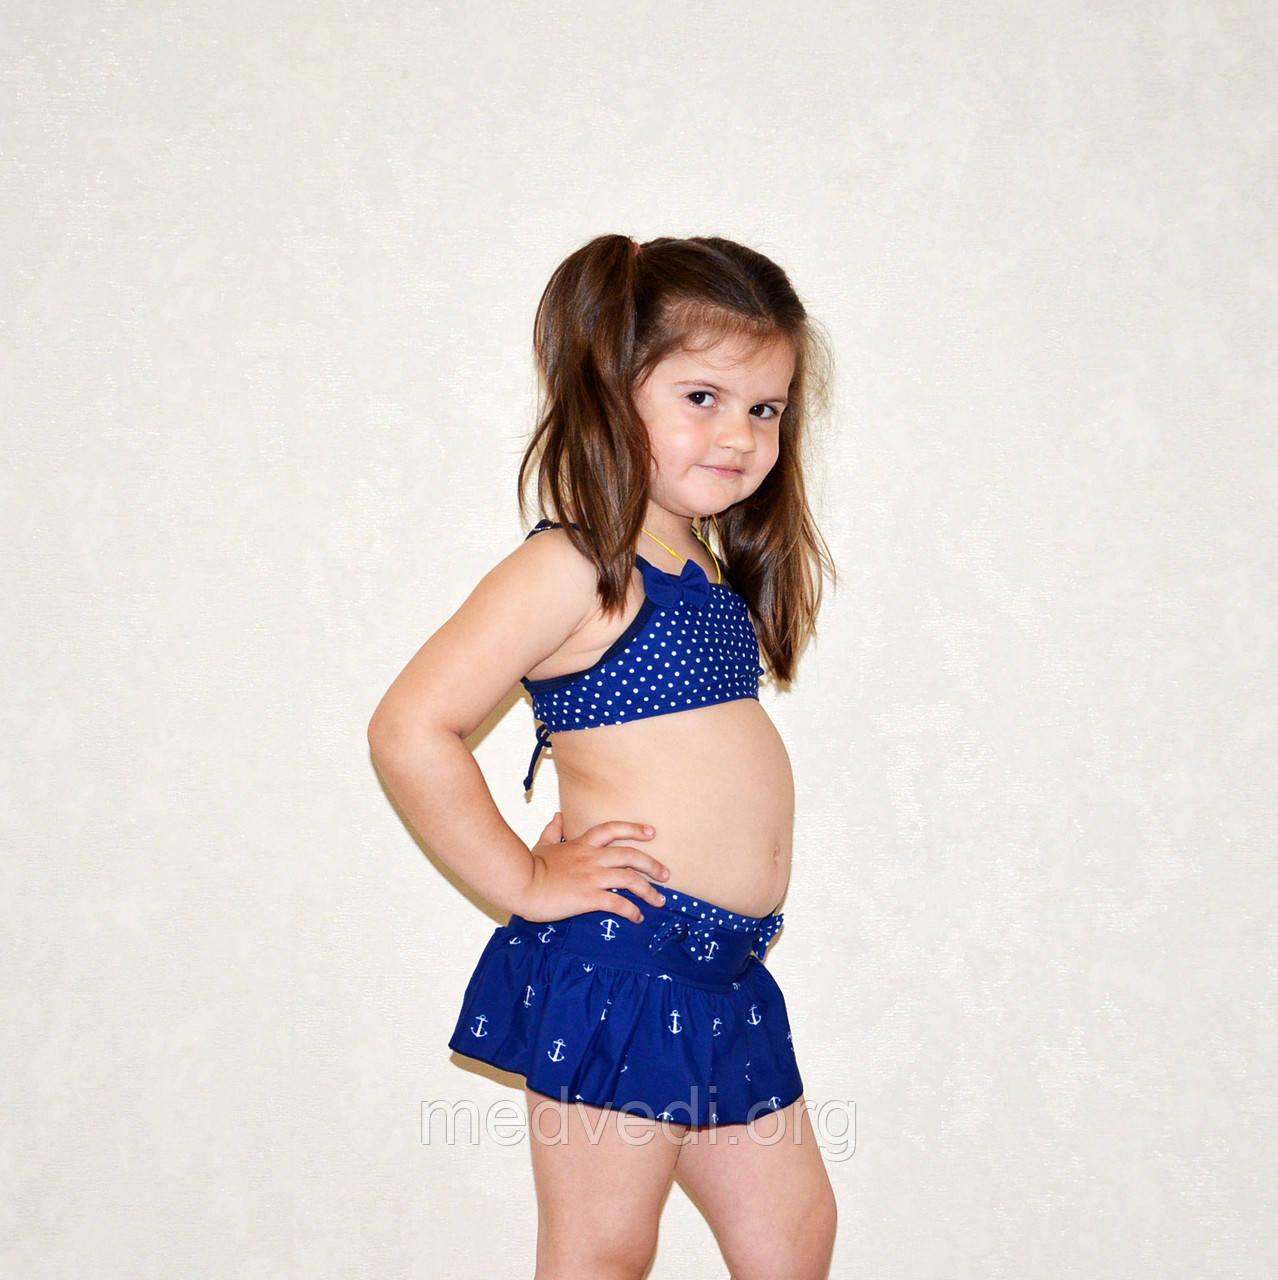 Подростковый синий купальник, возраст 9-13 лет, для девочки, тройка, с юбкой, раздельный, 40 размер